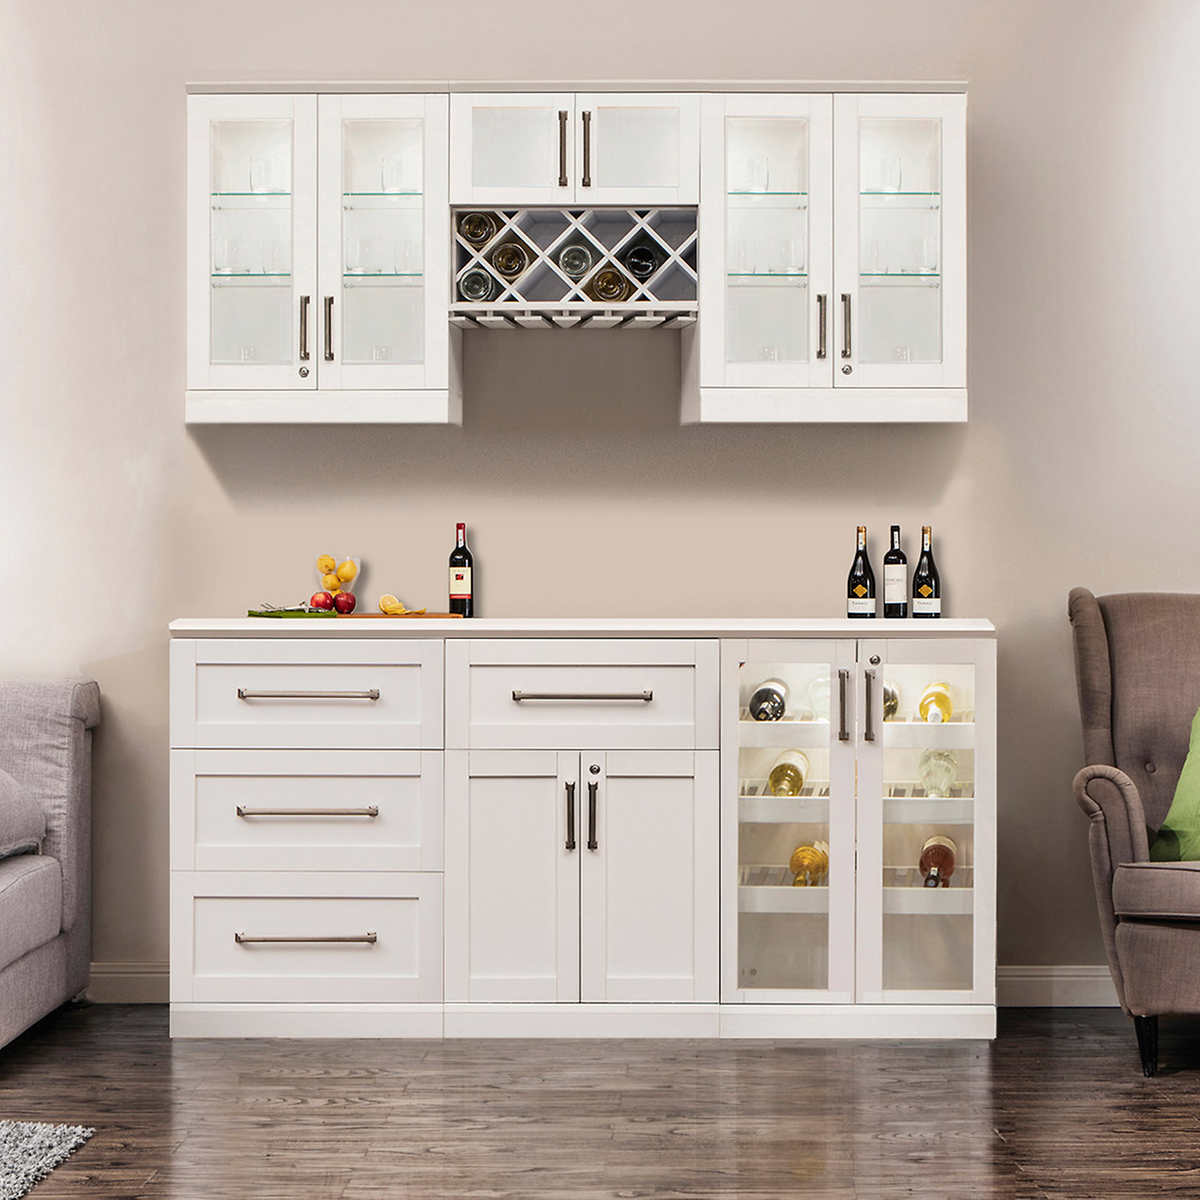 cabinets | costco